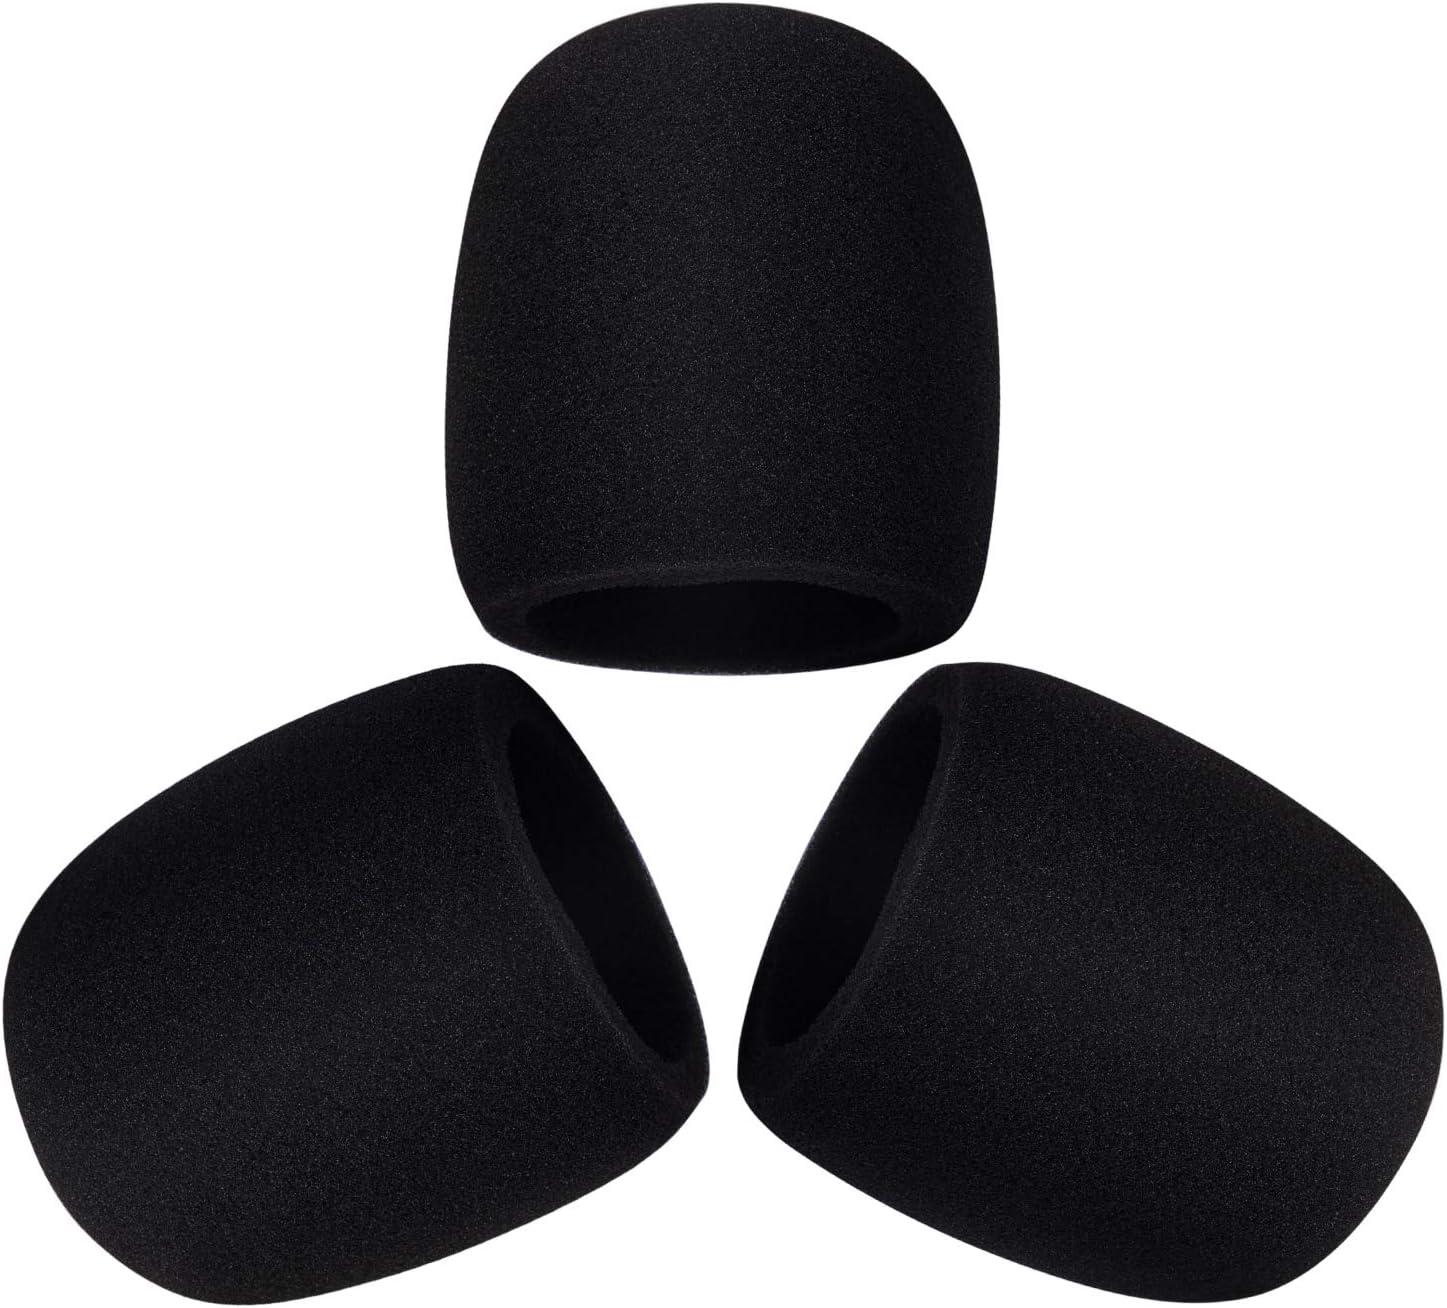 3 Piece Blue Yeti Mic Cover Foam Microphone Windscreen for Blue Yeti, Yeti Pro Condenser Microphone(Size A, Black)